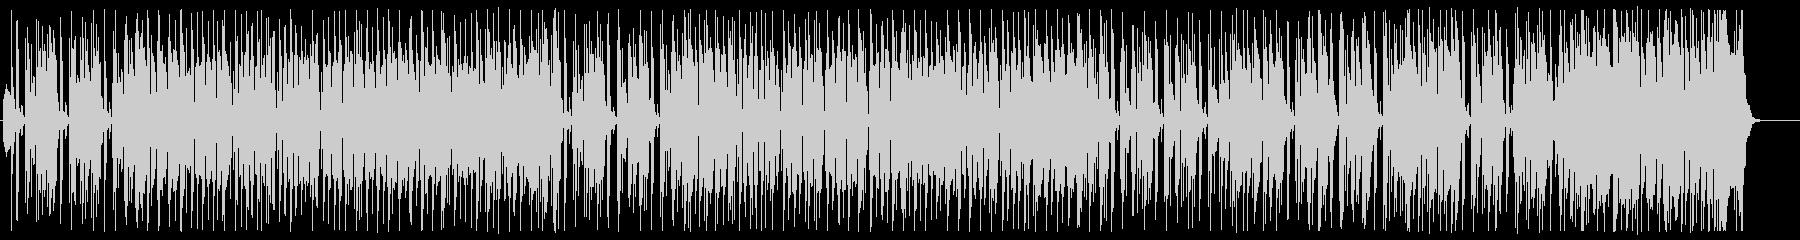 ラジオから流れてくる陽気なオールディーズの未再生の波形